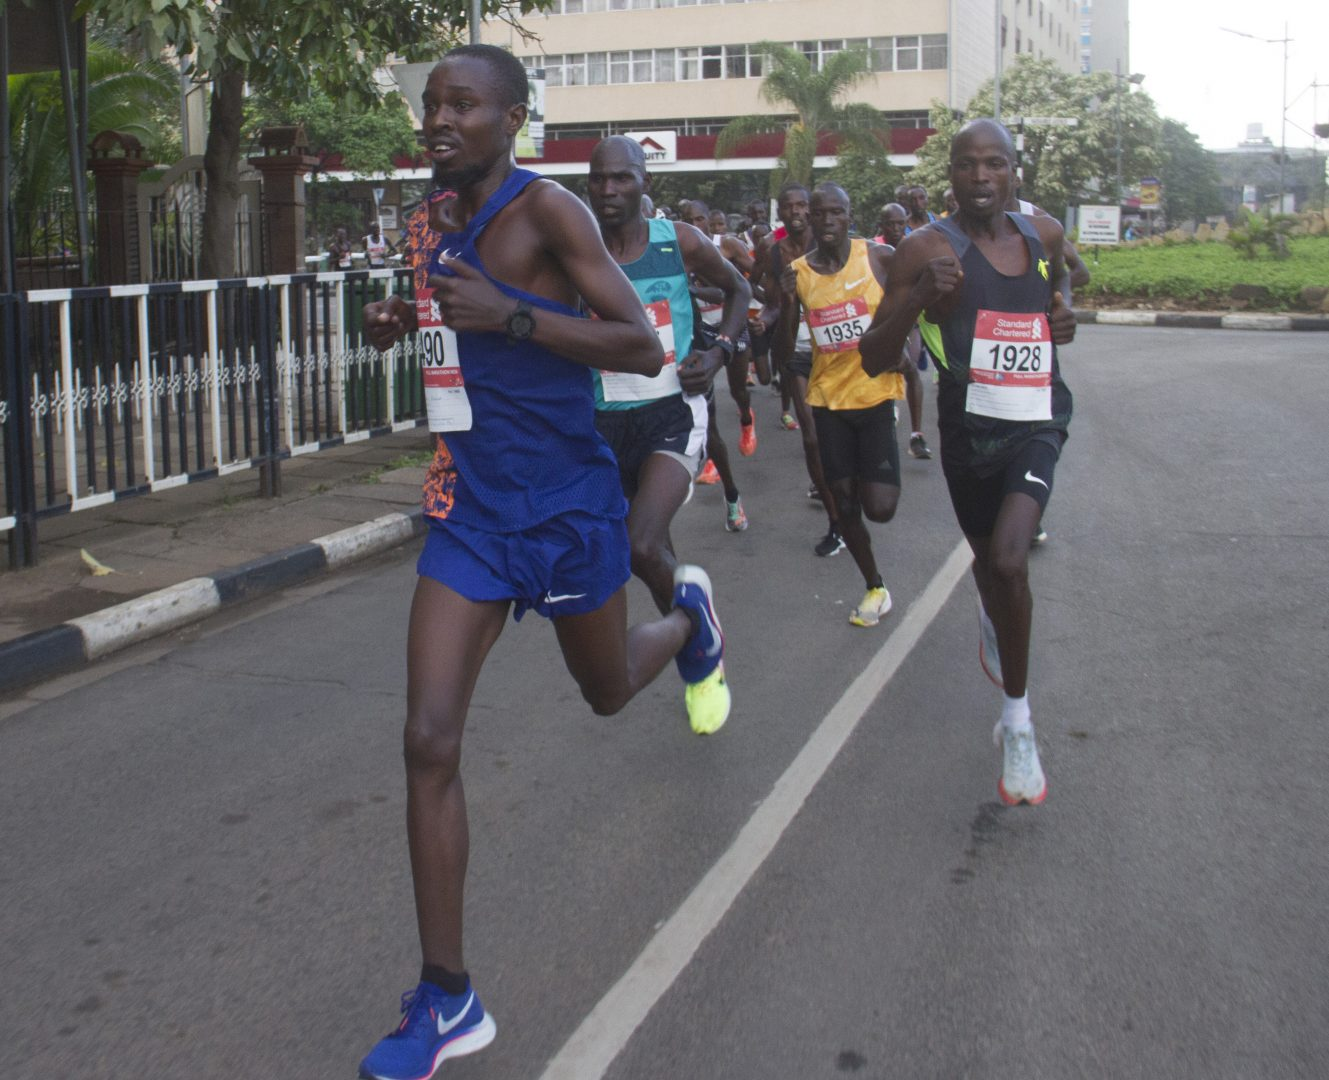 https://www.nairobimarathon.com/wp-content/uploads/2021/07/MG_4431.jpg